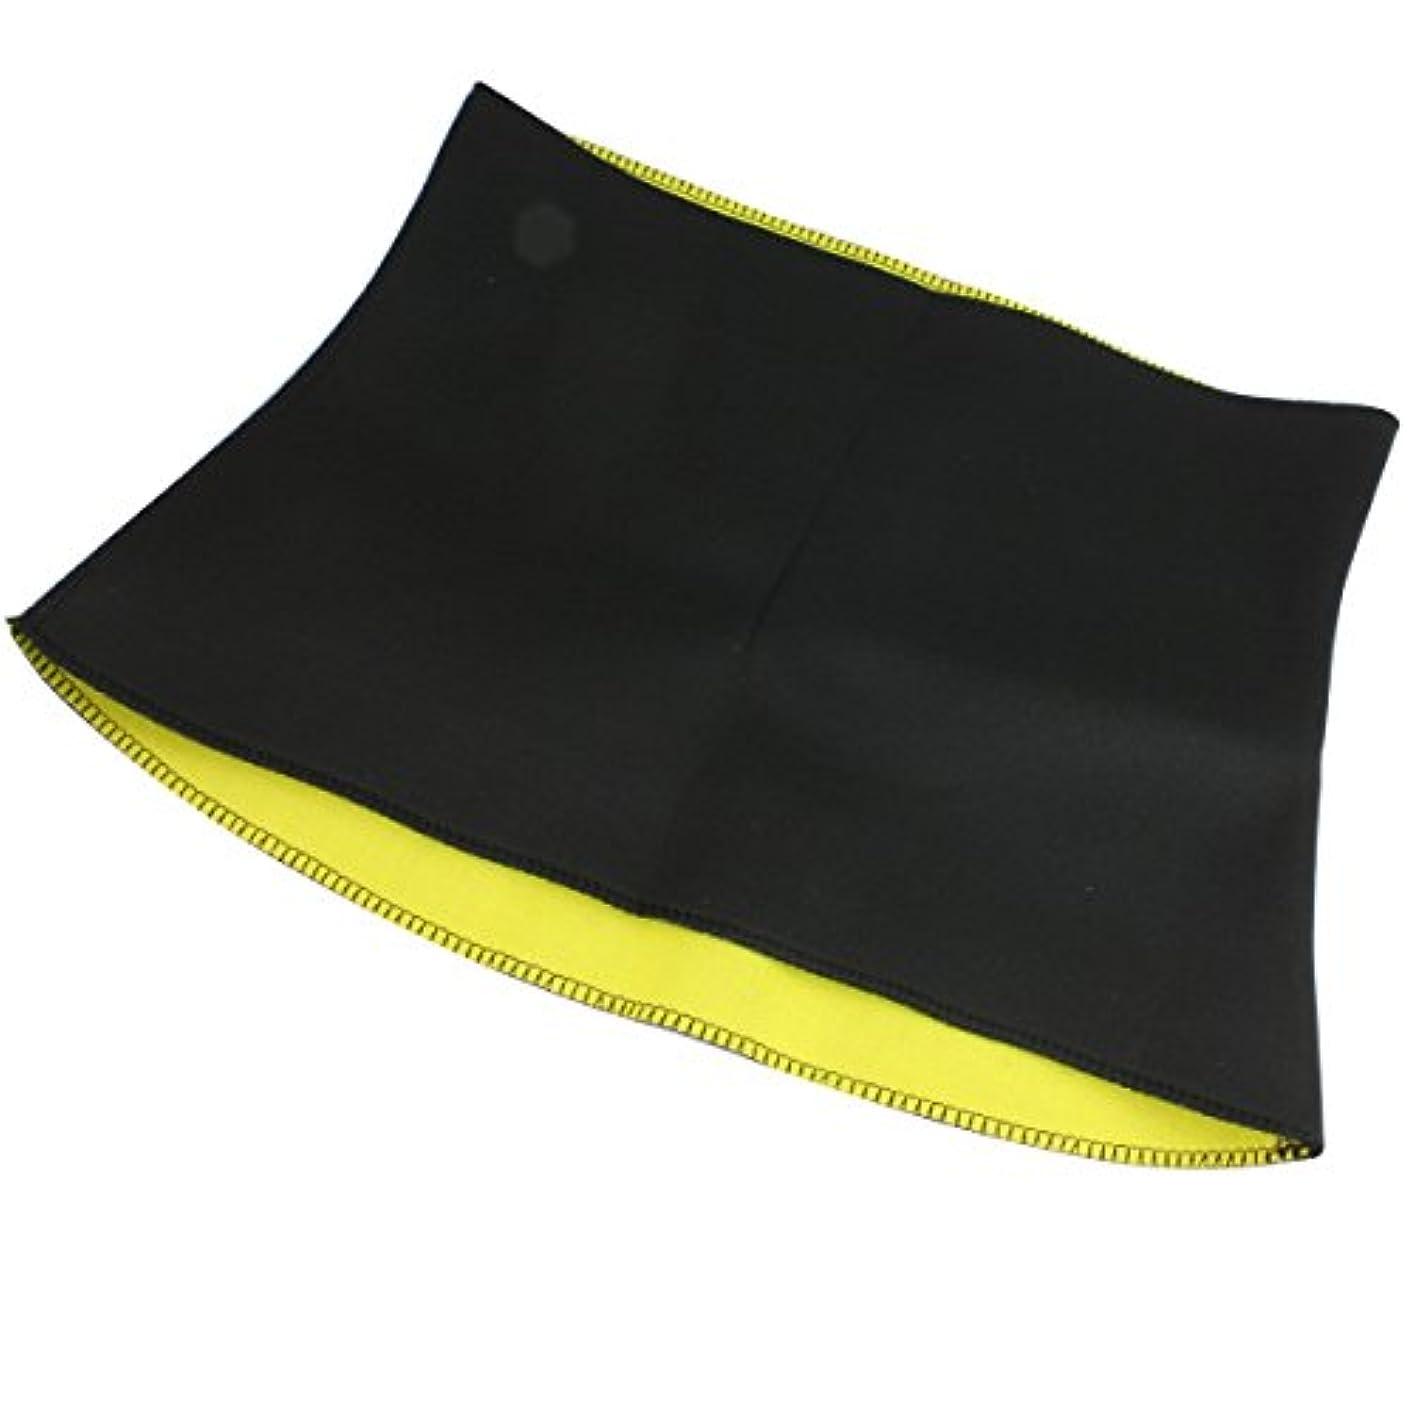 オーディション感心する不完全バリ汗スリム腹巻き 力強い着圧でインナーマッスルをトレーニング サウナ機能 Lサイズ(S1M2L3)